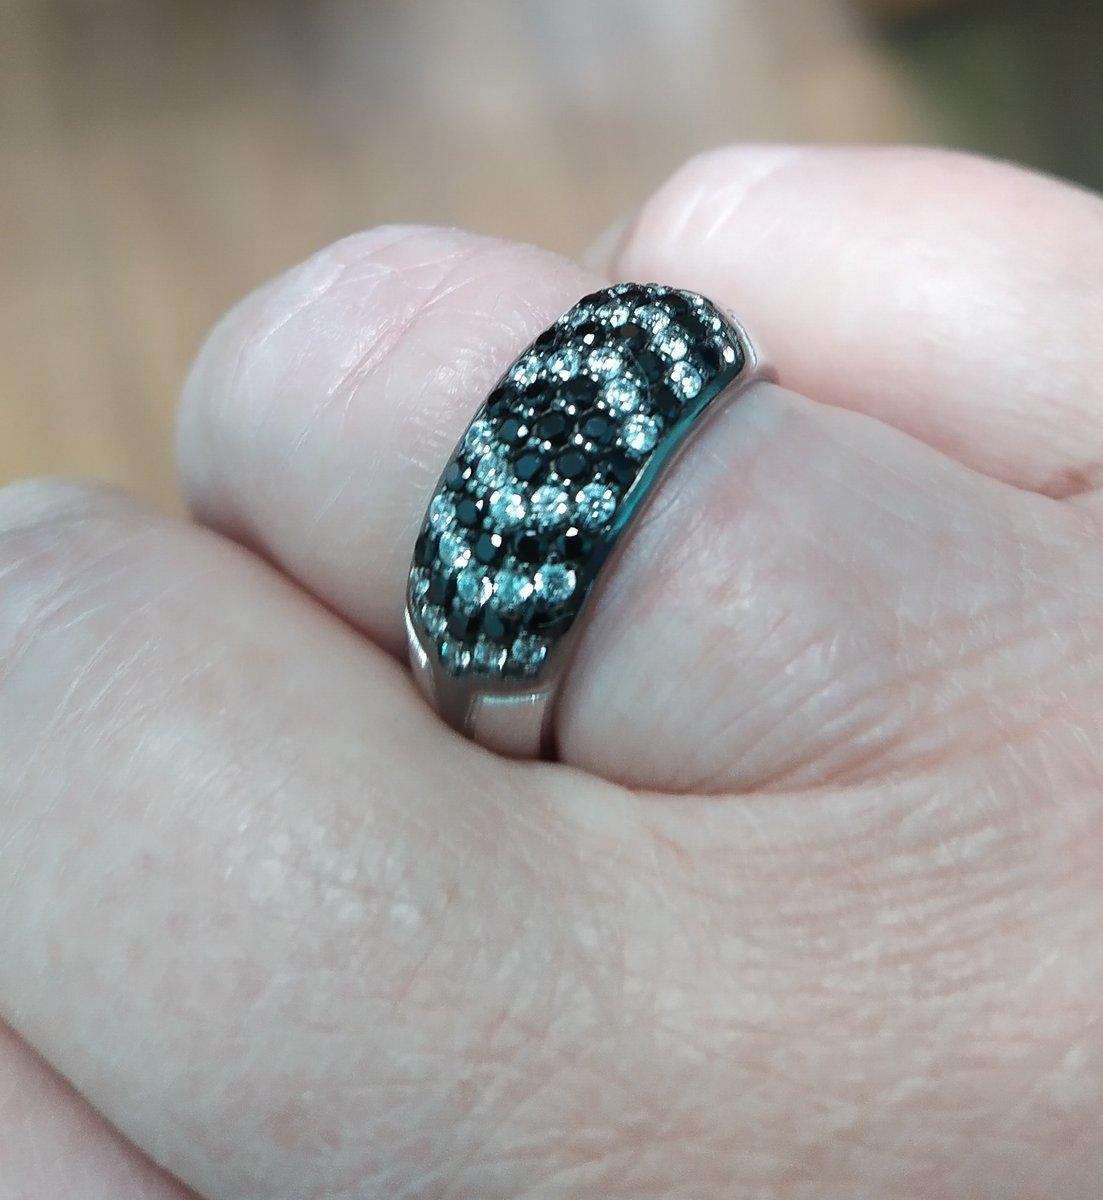 Очень красивое, достойное внимания, кольцо